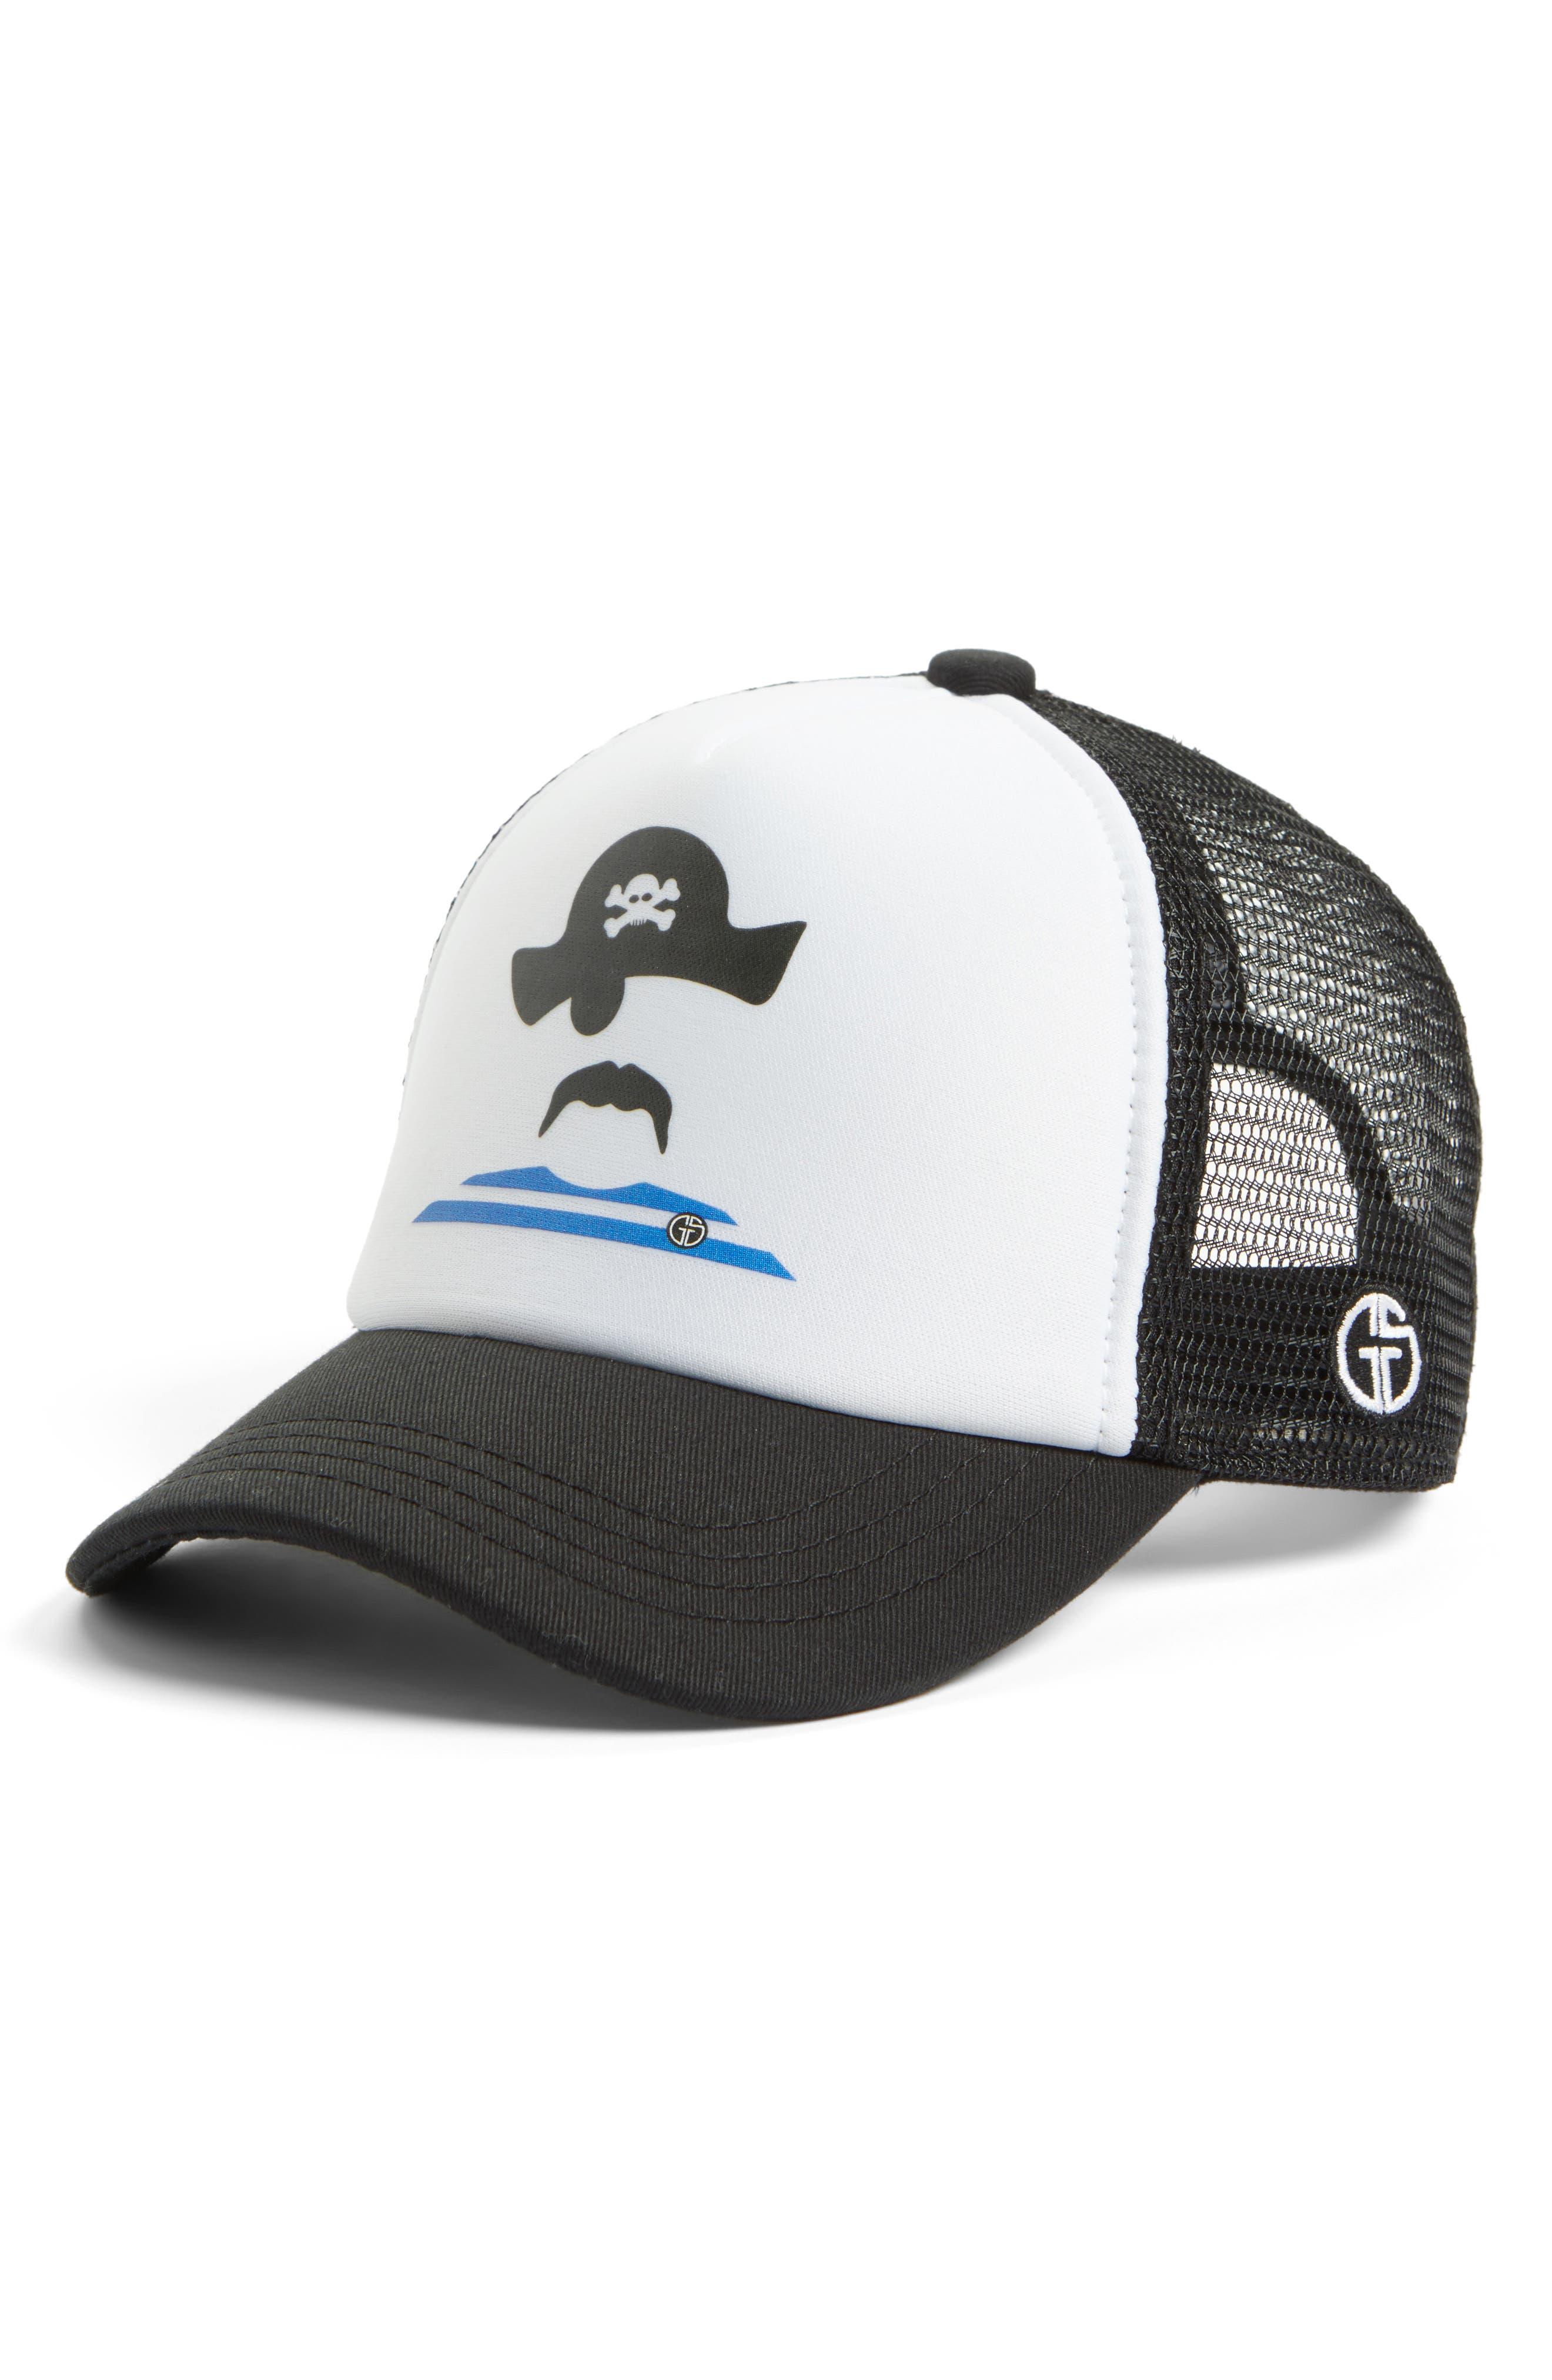 Pirate Trucker Hat,                         Main,                         color, BLACK/ WHITE PIRATE